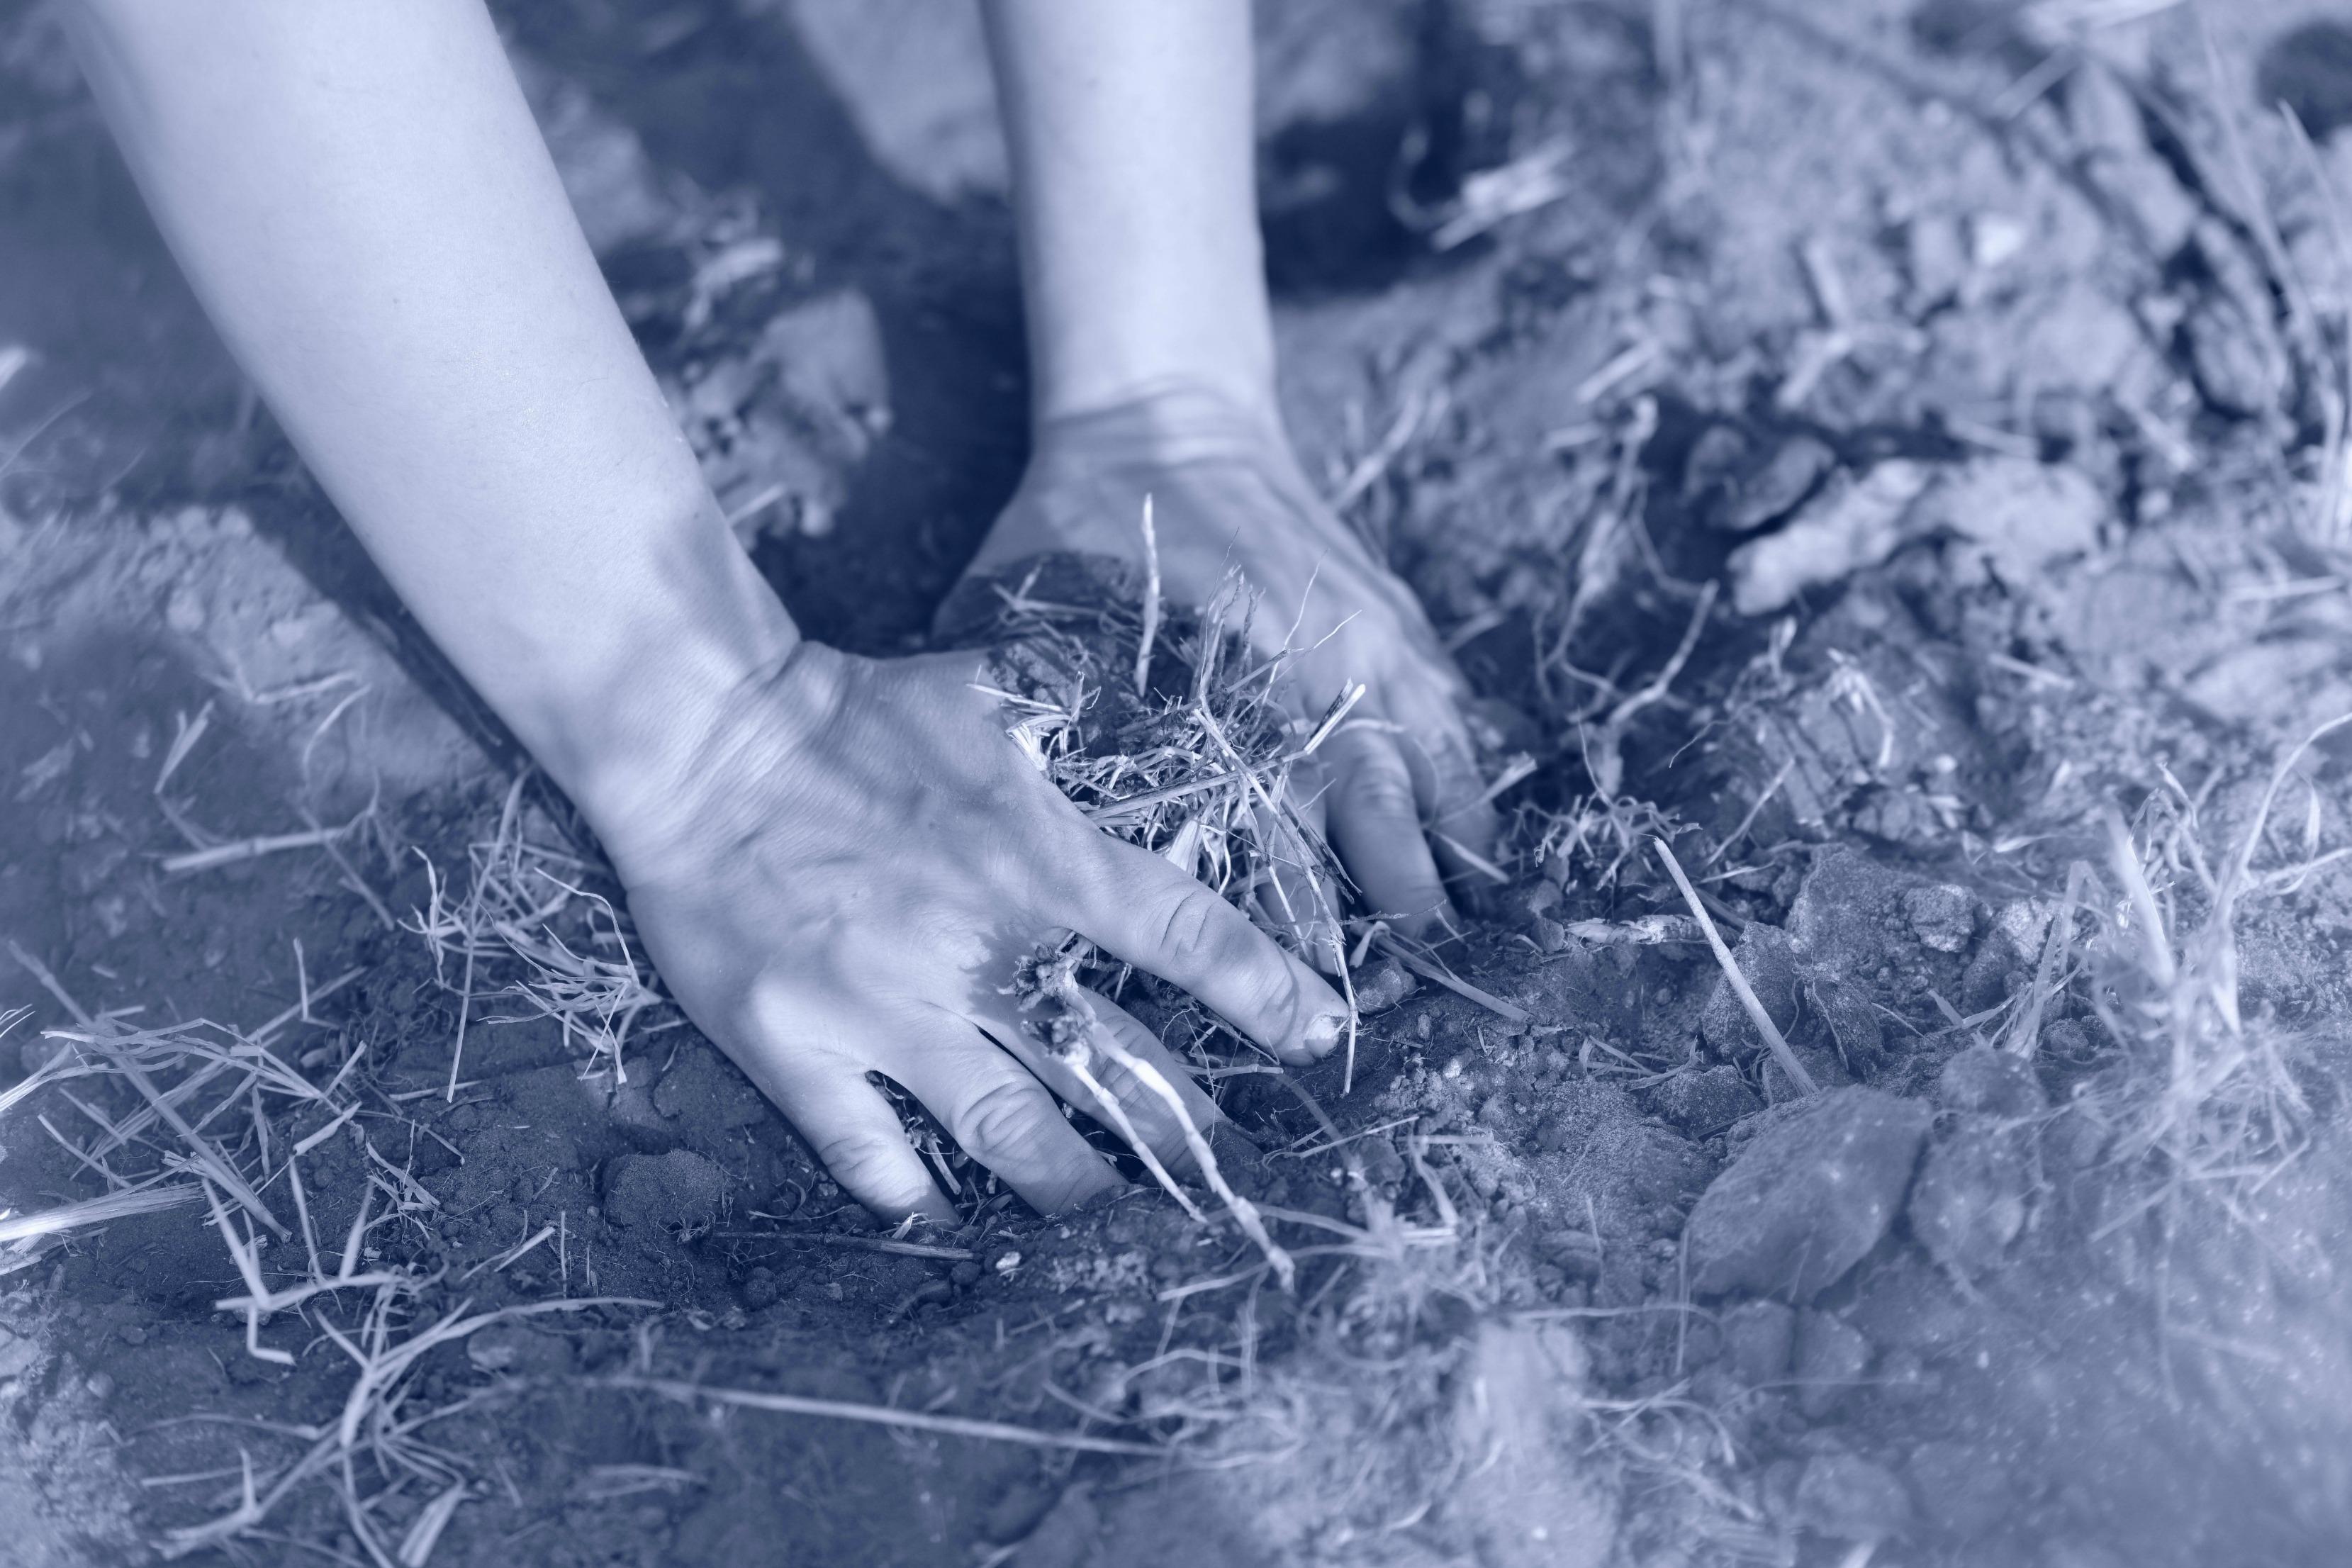 ידיים חופנות אדמה. מתוך הפוסט - חיבוק של אדמה מהבלוג של תמרי סלונים ליבס tamariandme.com צילום : טלי רצקר